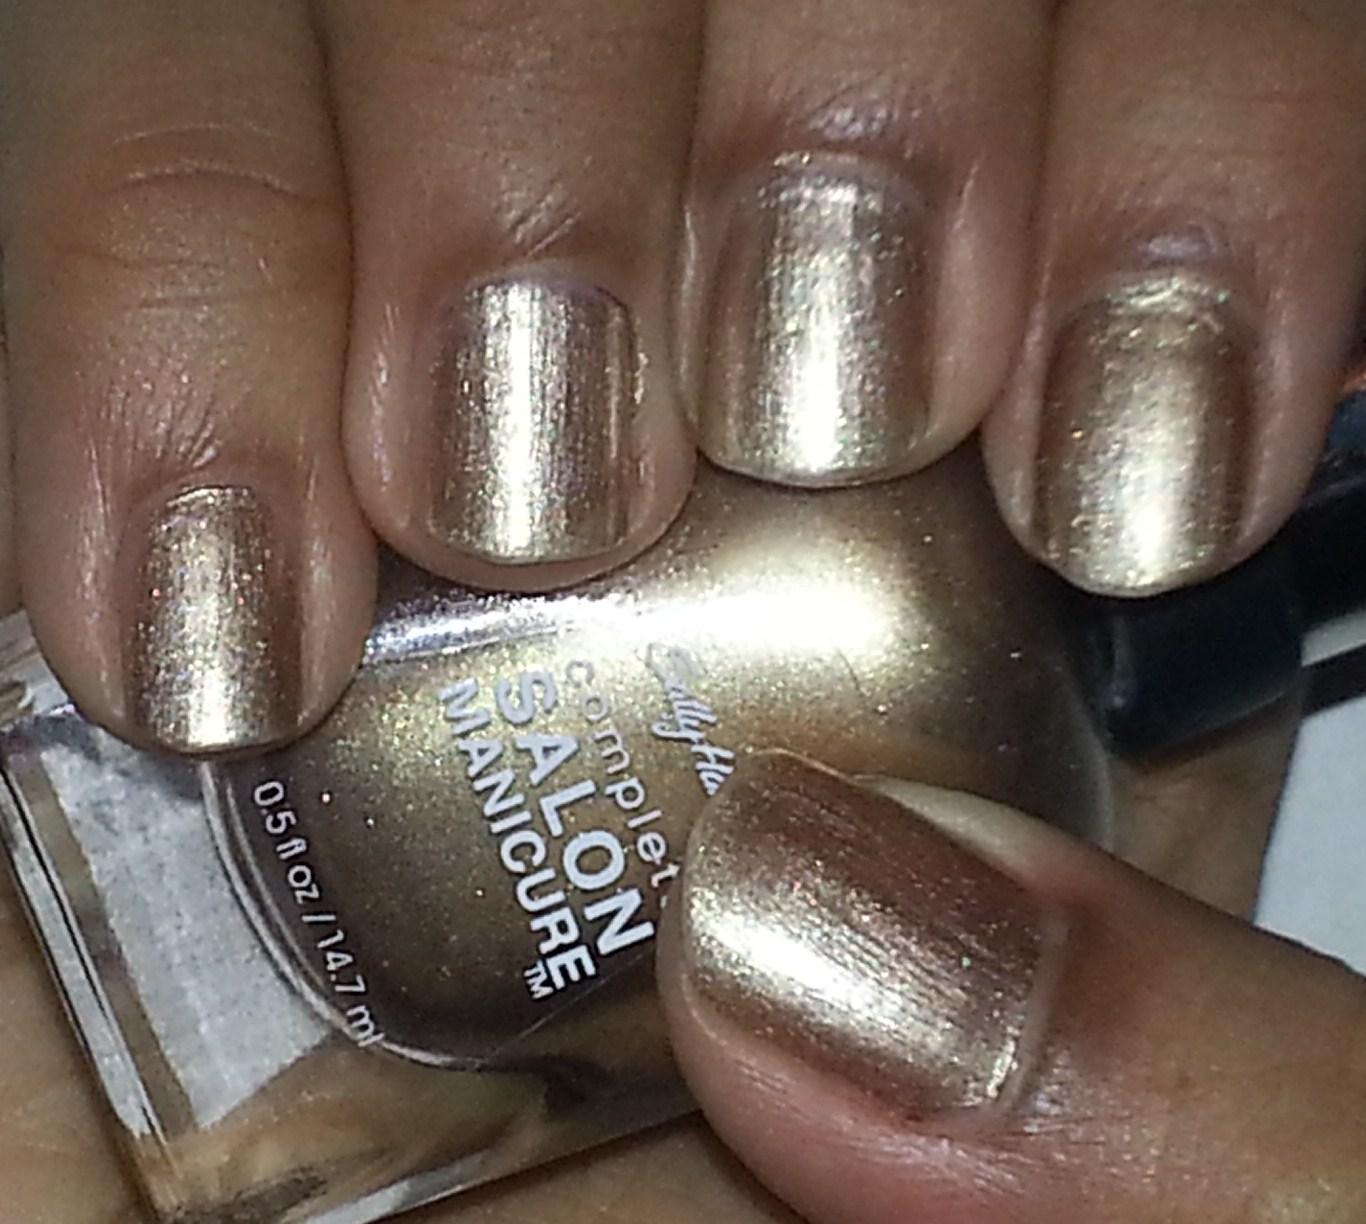 Sally hansen complete salon manicure in gilty pleasure for A shear pleasure pet salon